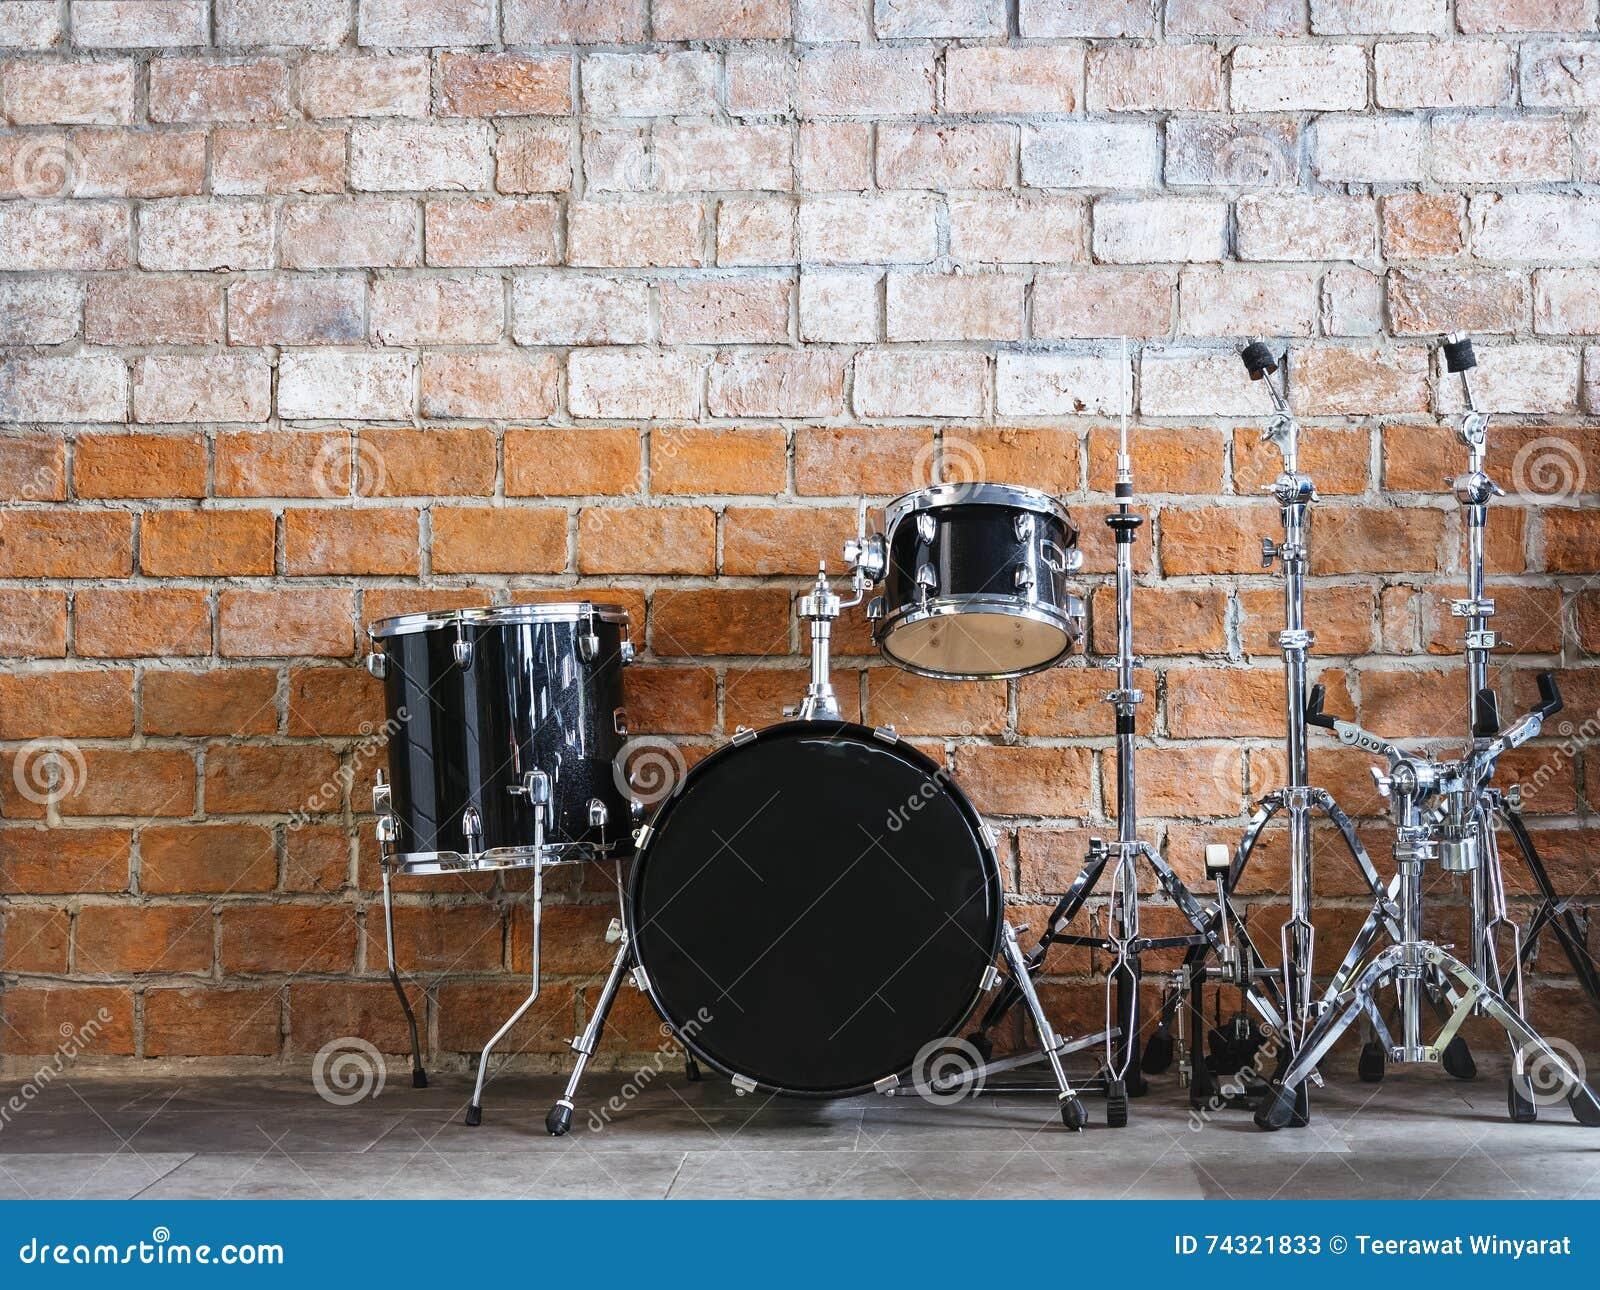 打鼓在砖墙上的乐器声测设备